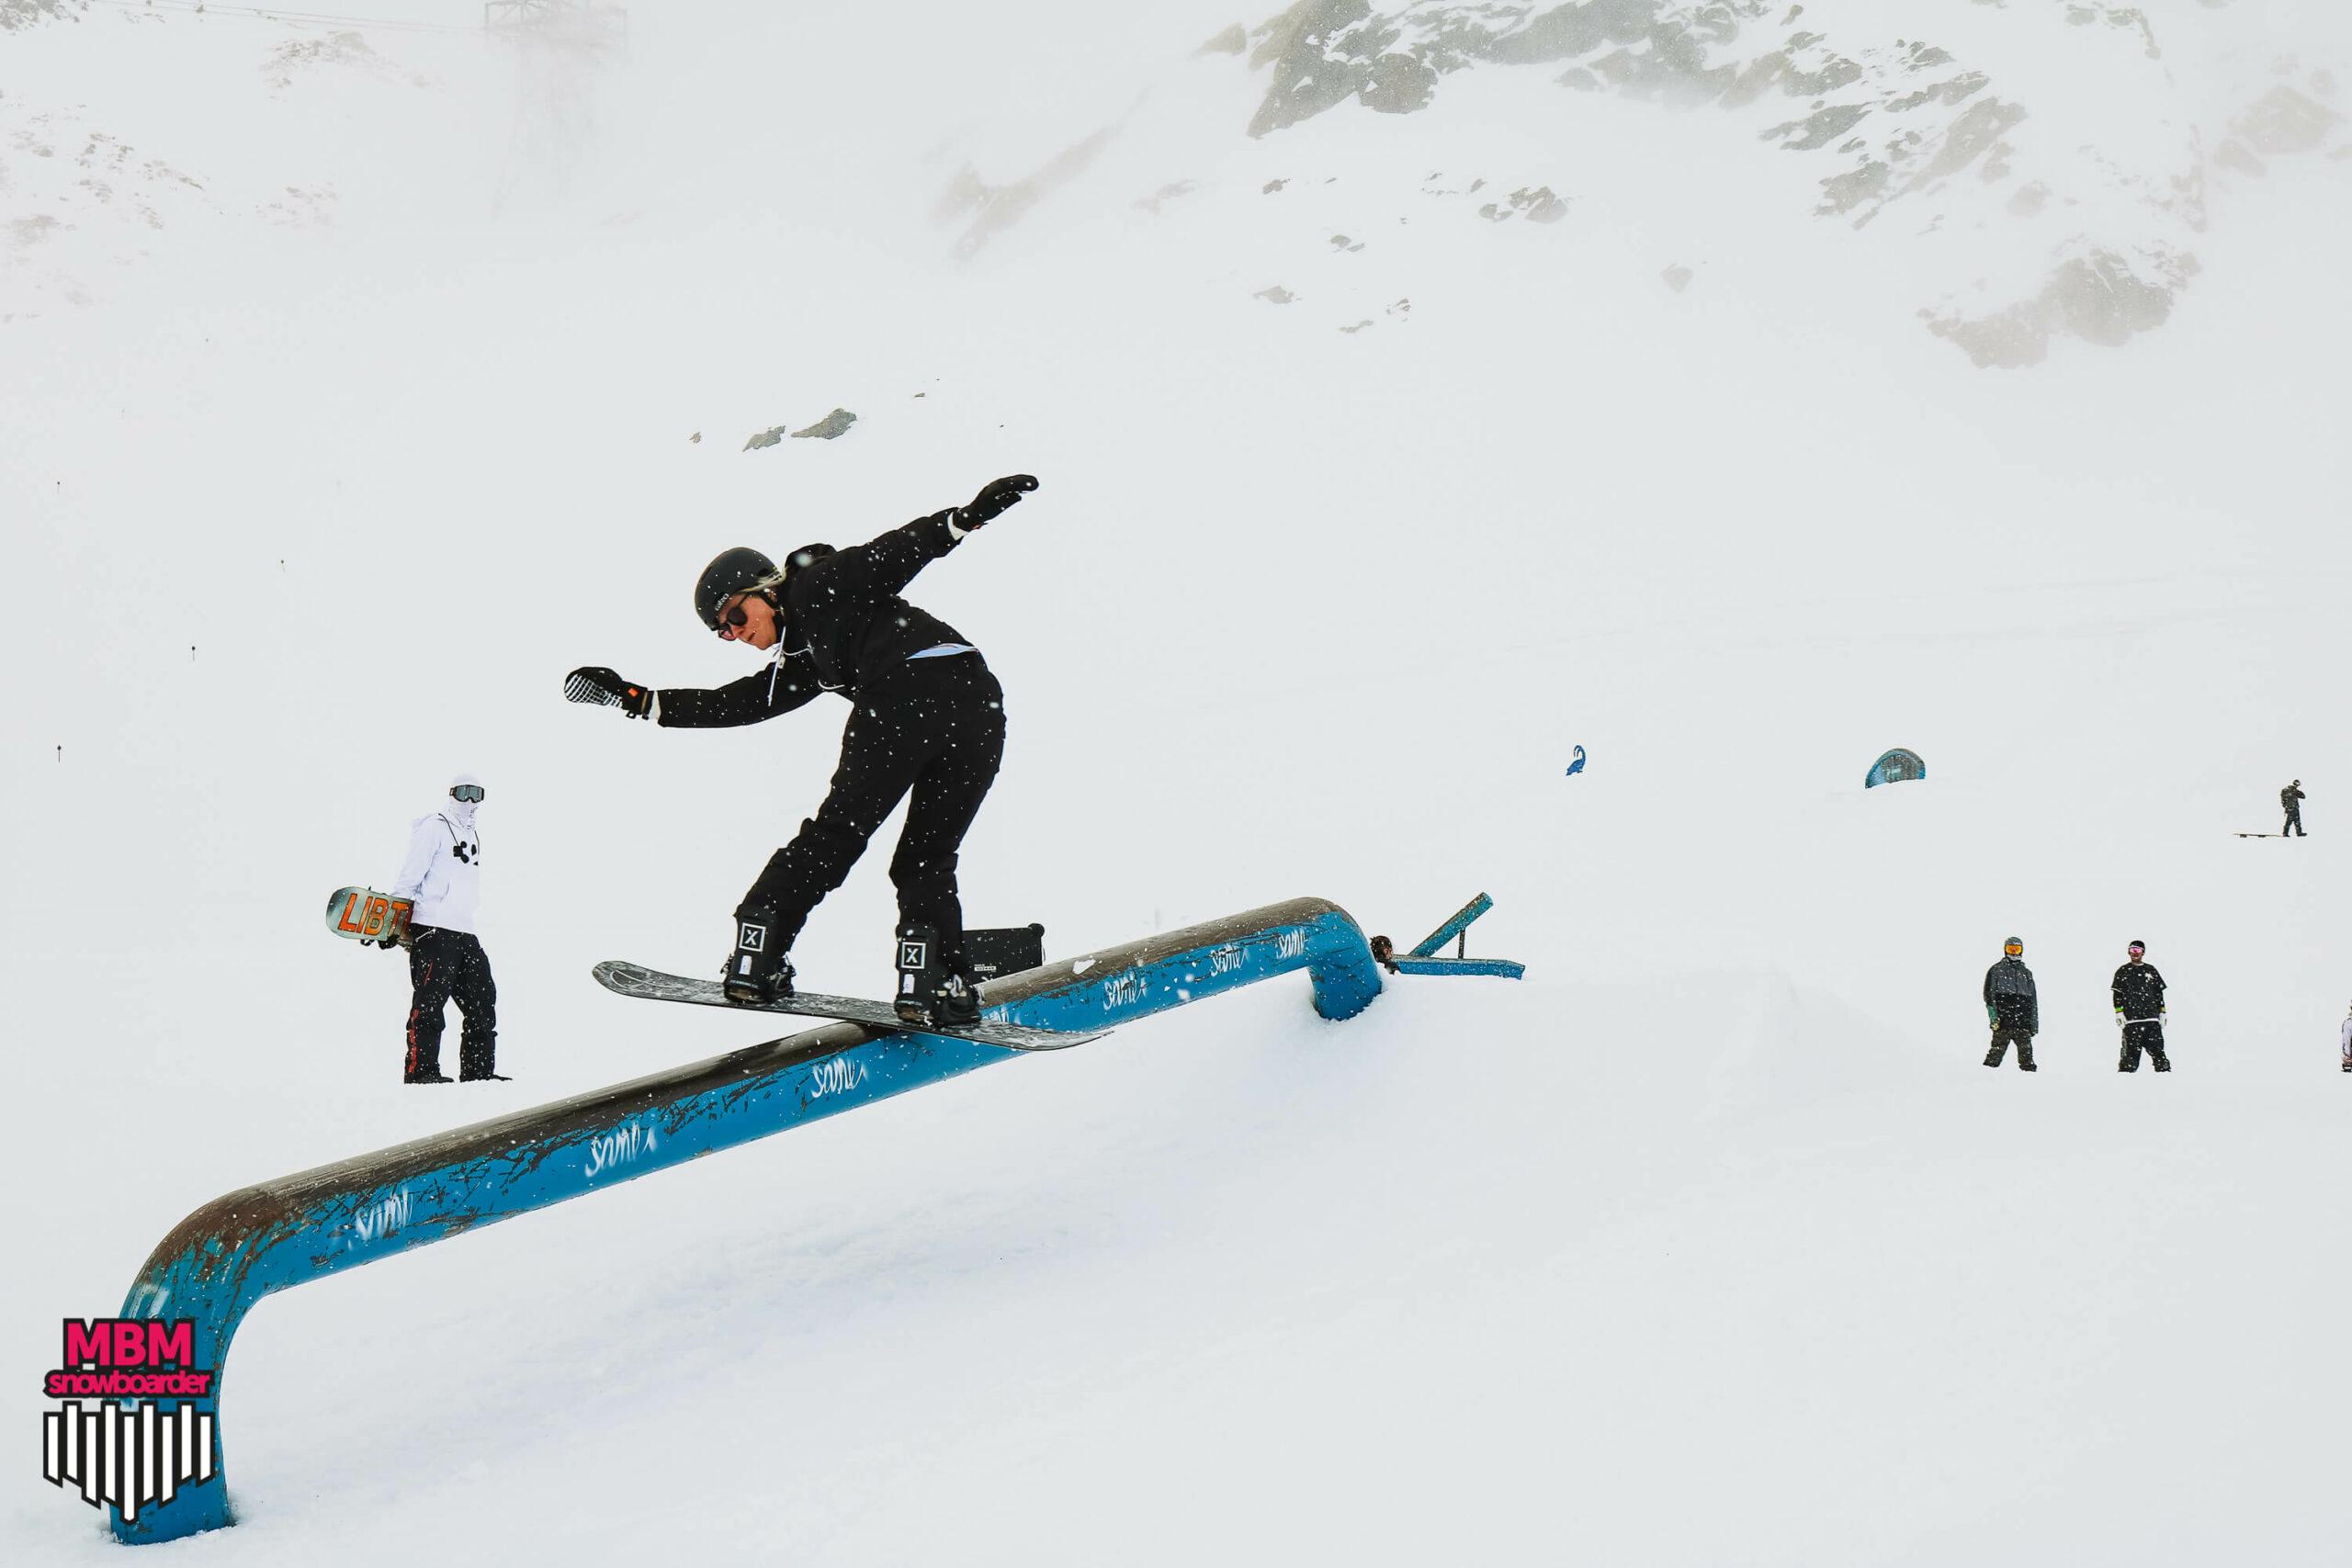 snowboarderMBM_sd_kaunertal_121